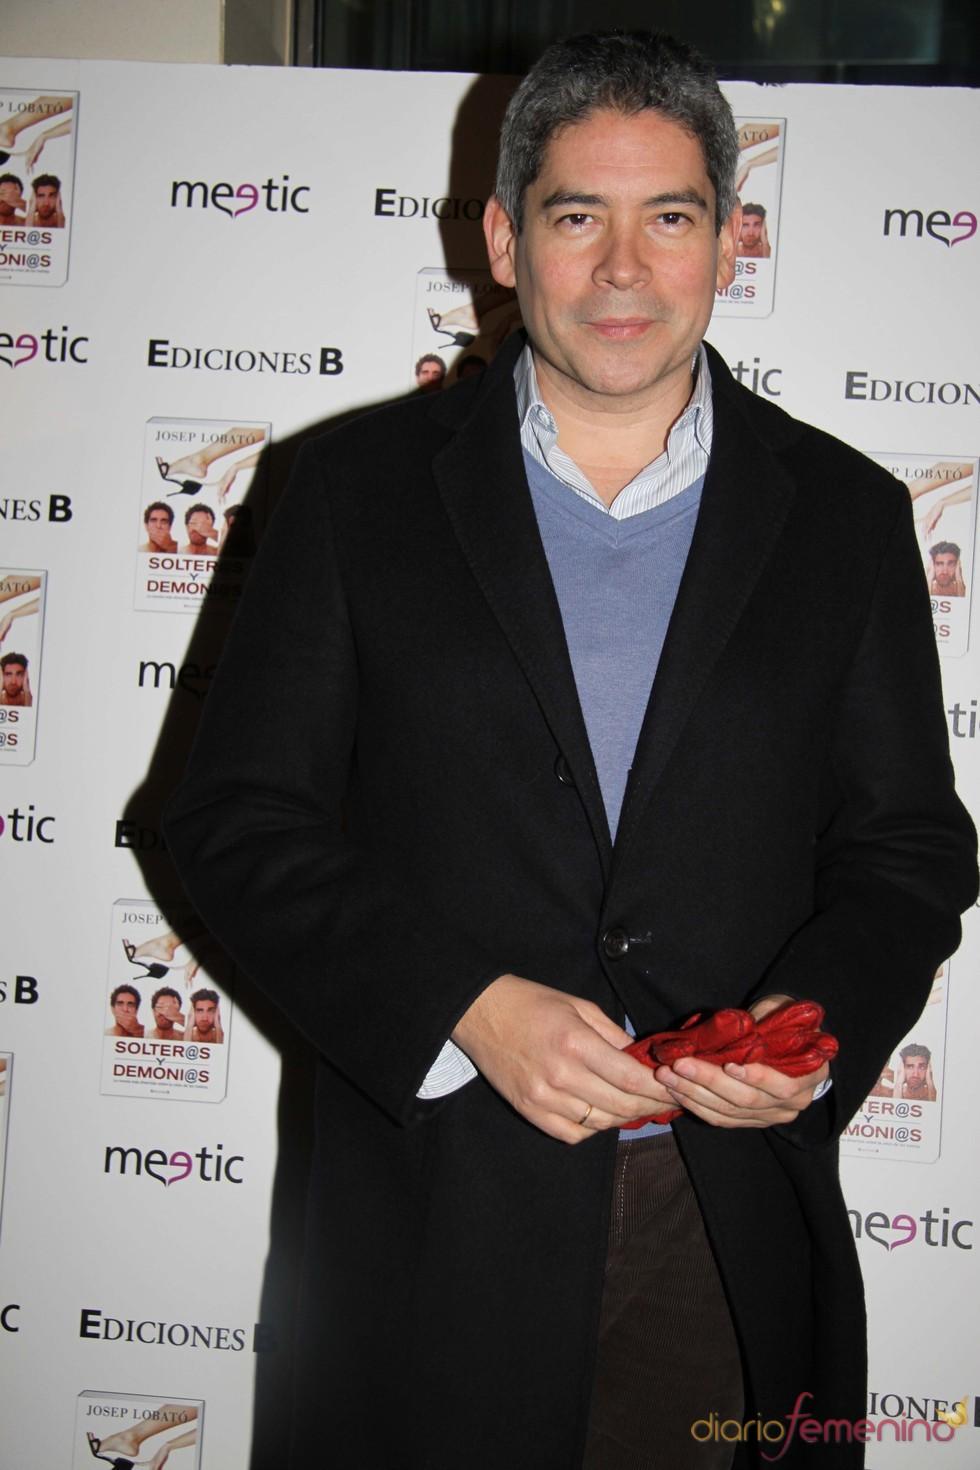 Boris Izaguirre en la presentación de la novela 'Solter@s y demoni@s'